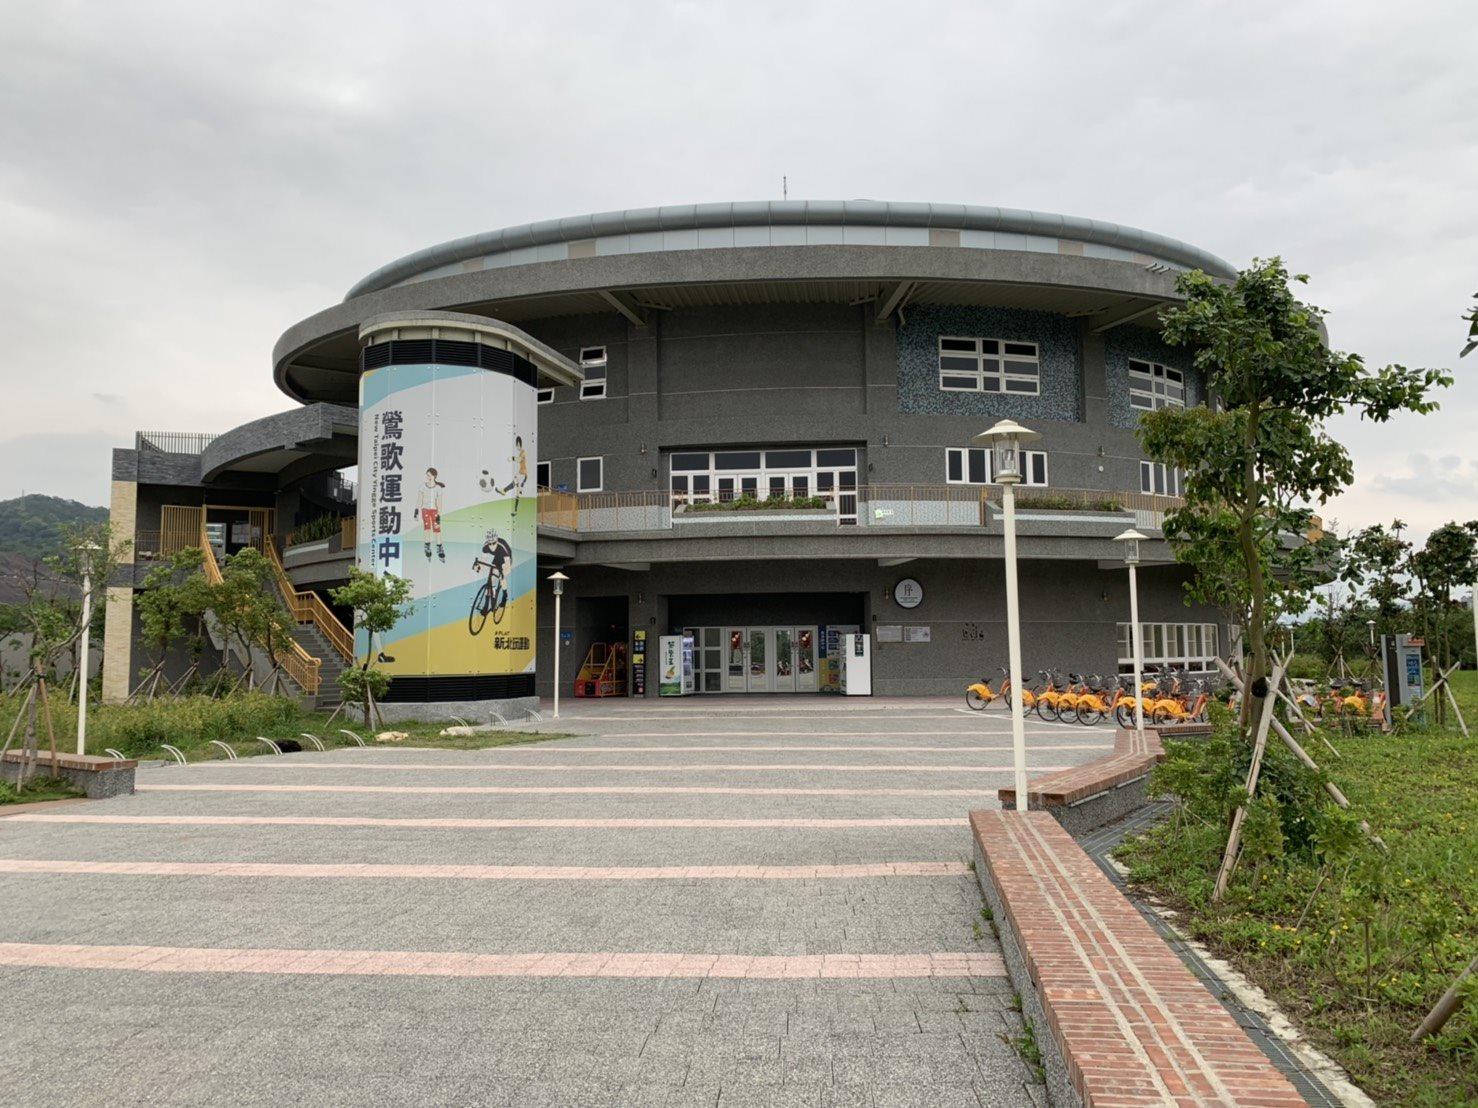 鶯歌國民運動中心